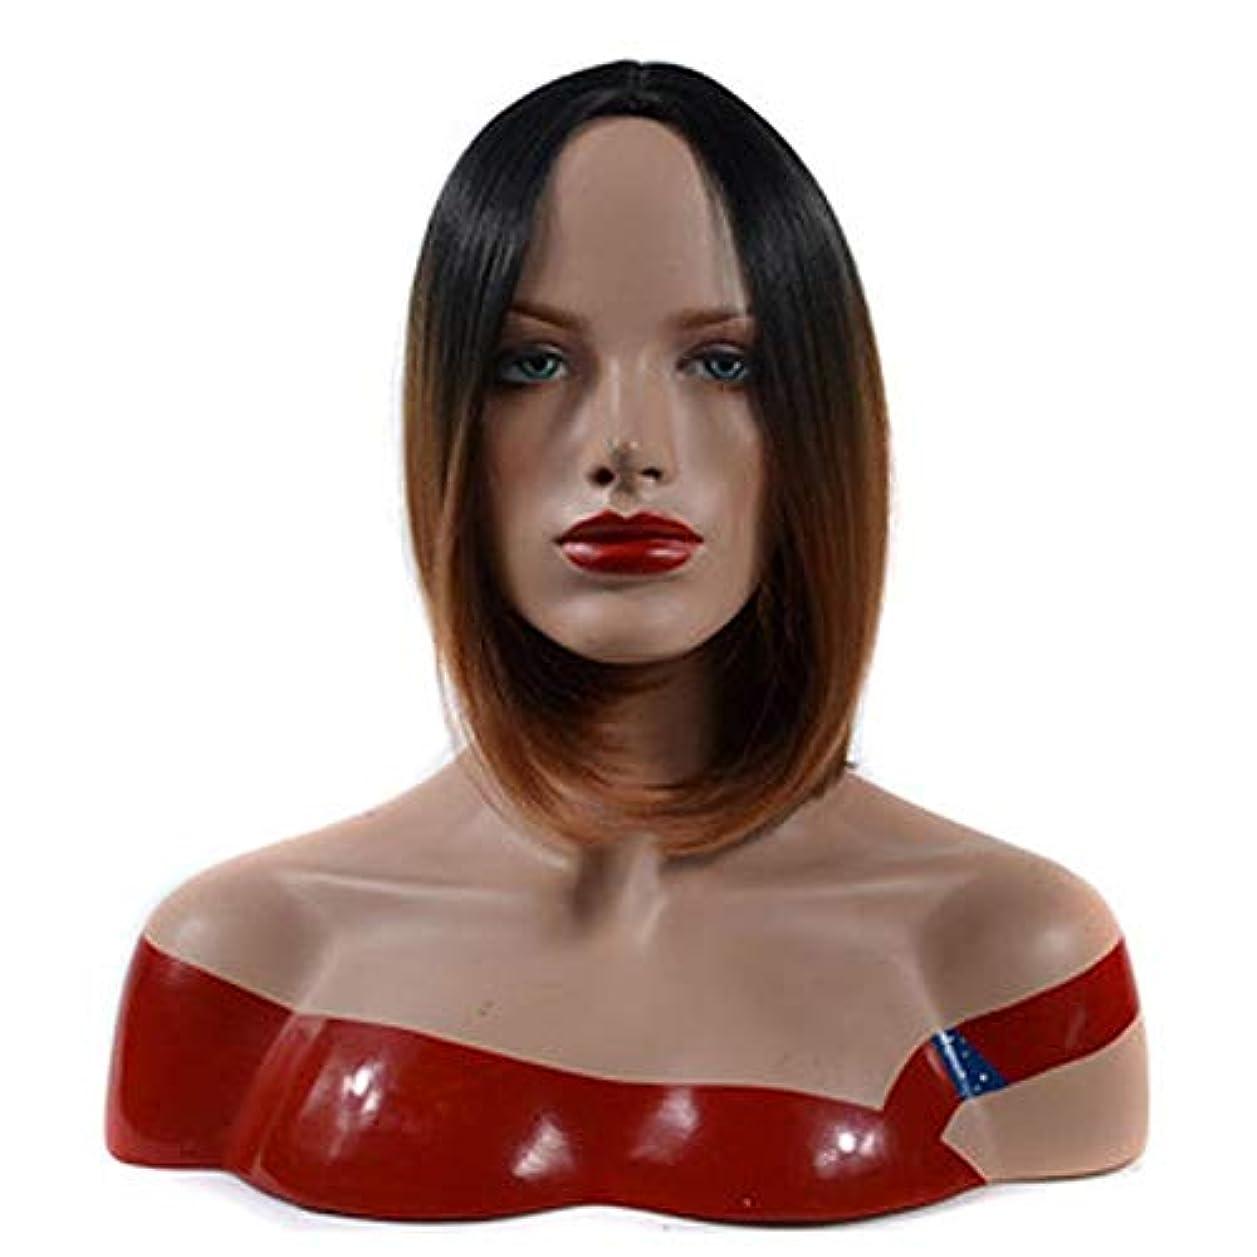 奨励しますガレージ競争力のあるYOUQIU 女性コスプレパーティードレスウィッグについては黒髪ルートライトブラウンショートストレート髪ボブウィッグ (色 : 淡い茶色, サイズ : 30cm)